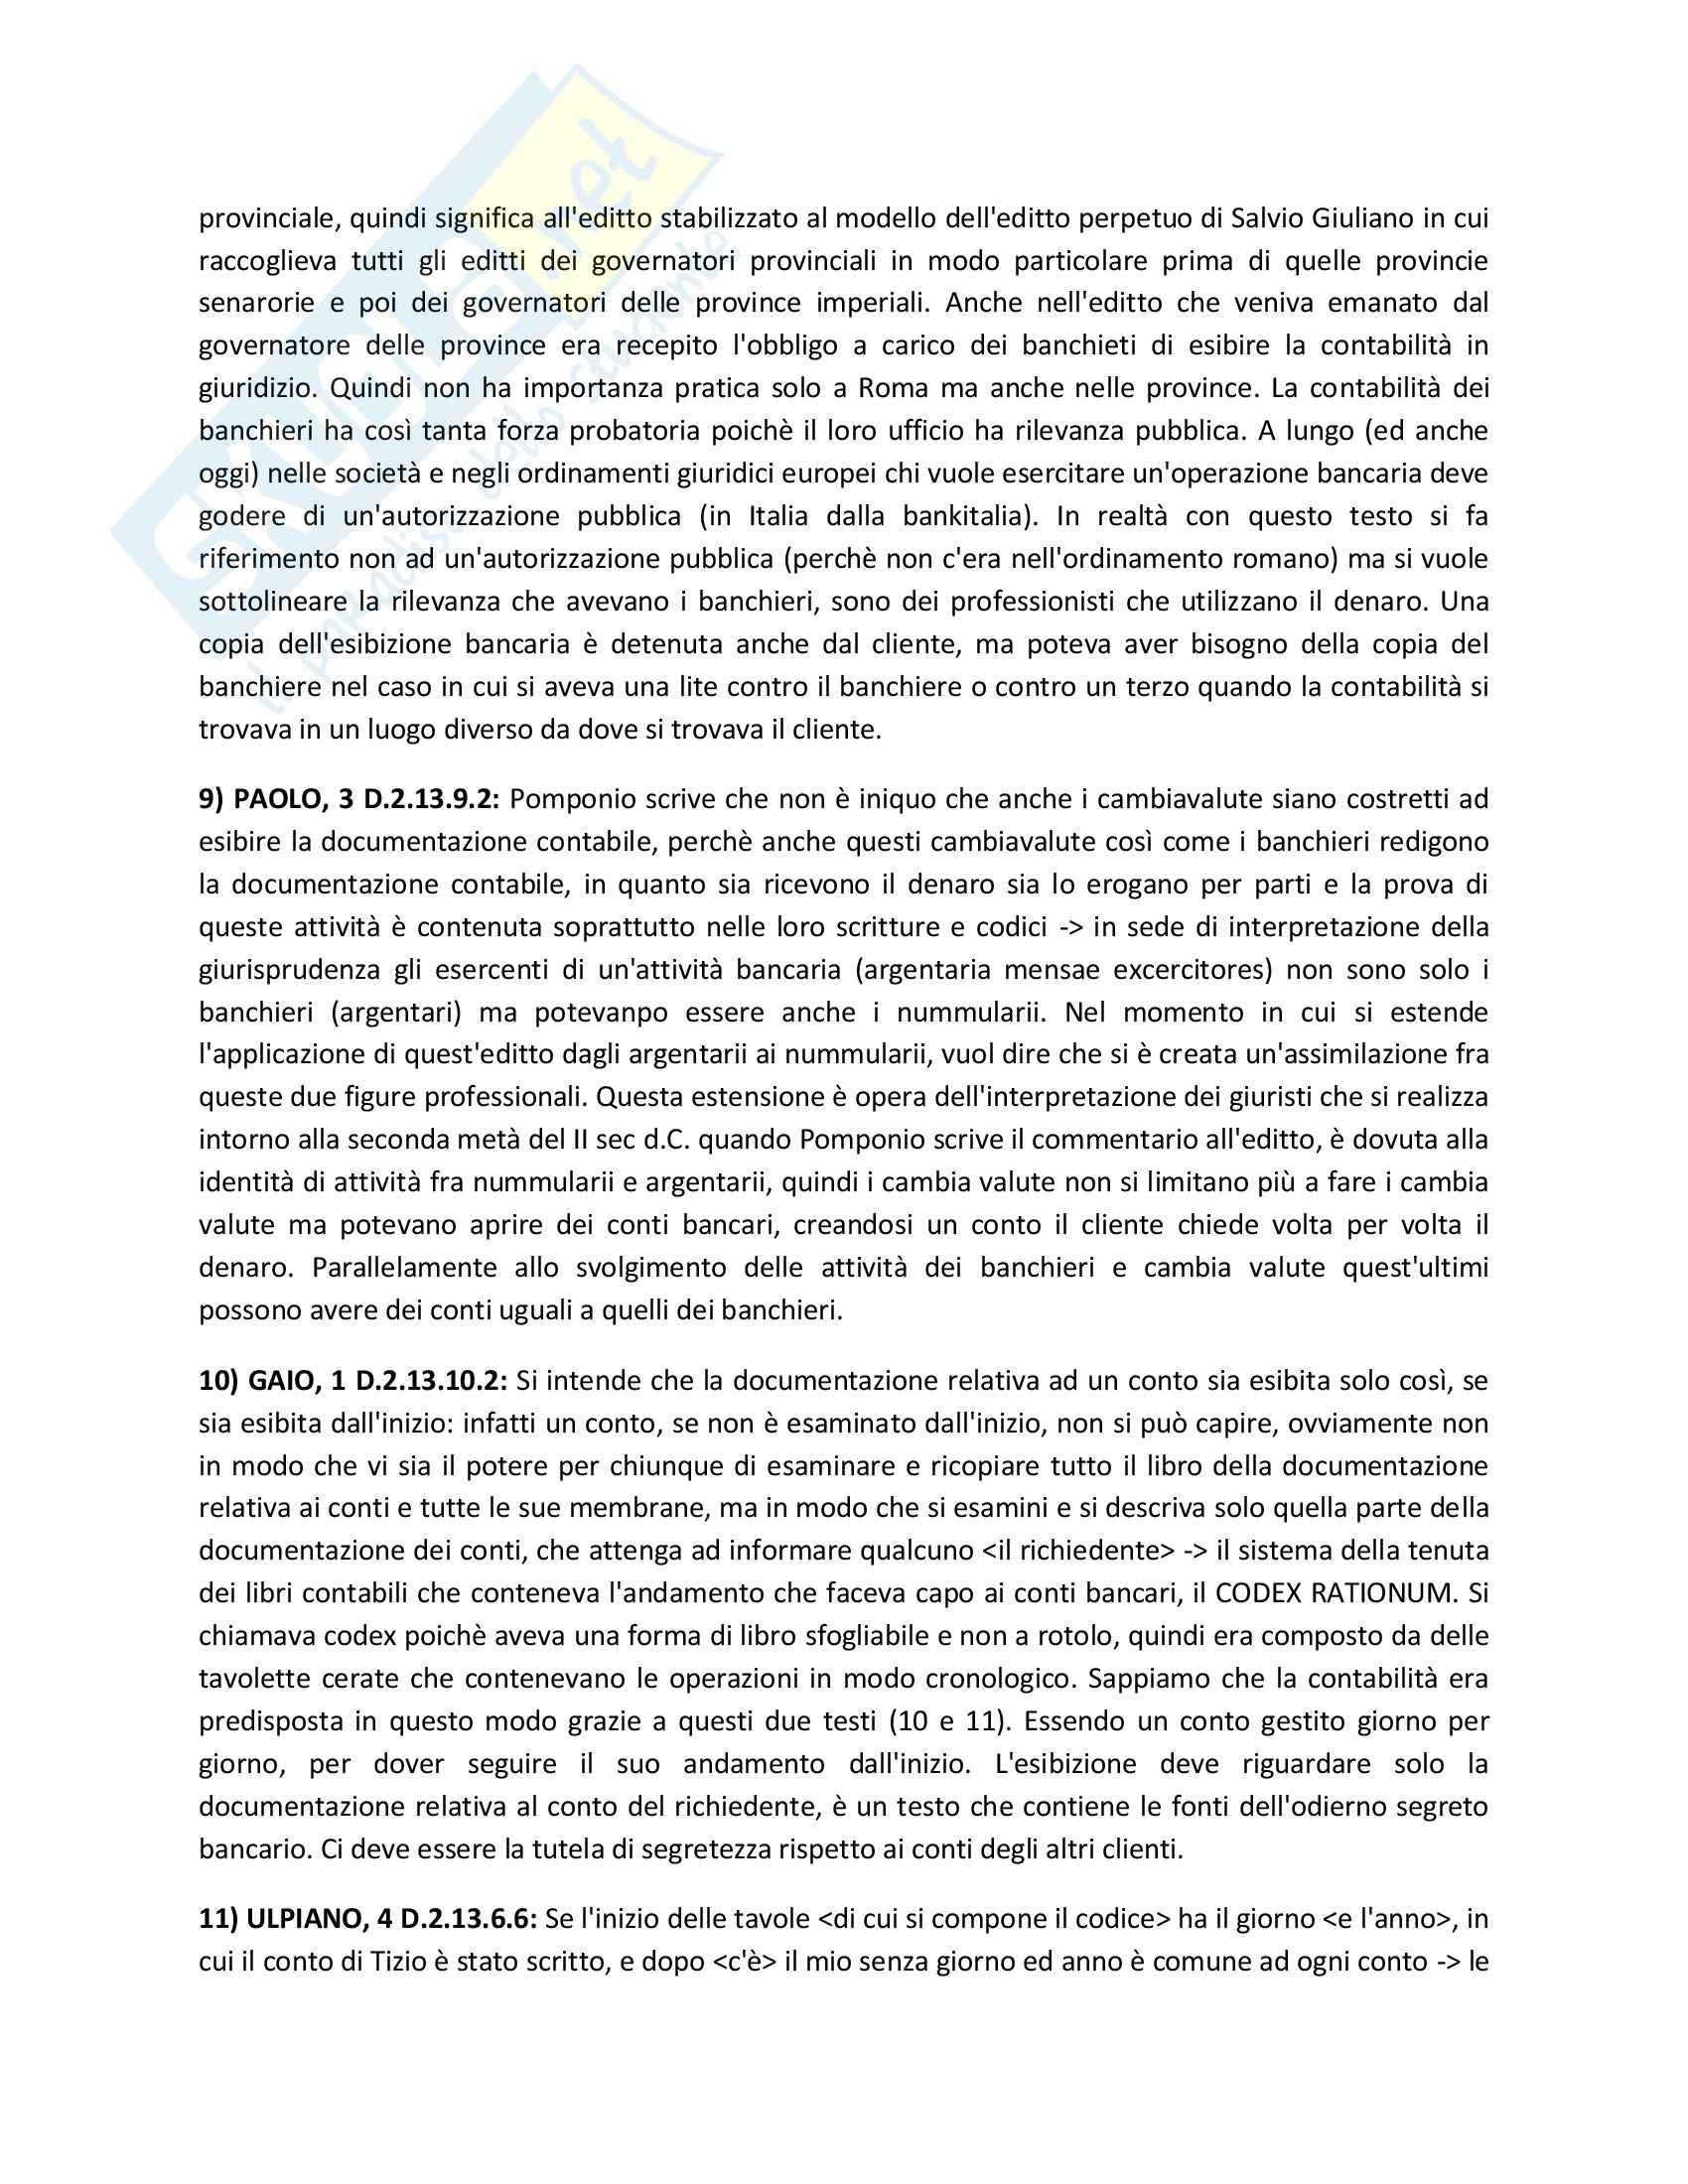 Diritto romano - nozioni generali Pag. 71